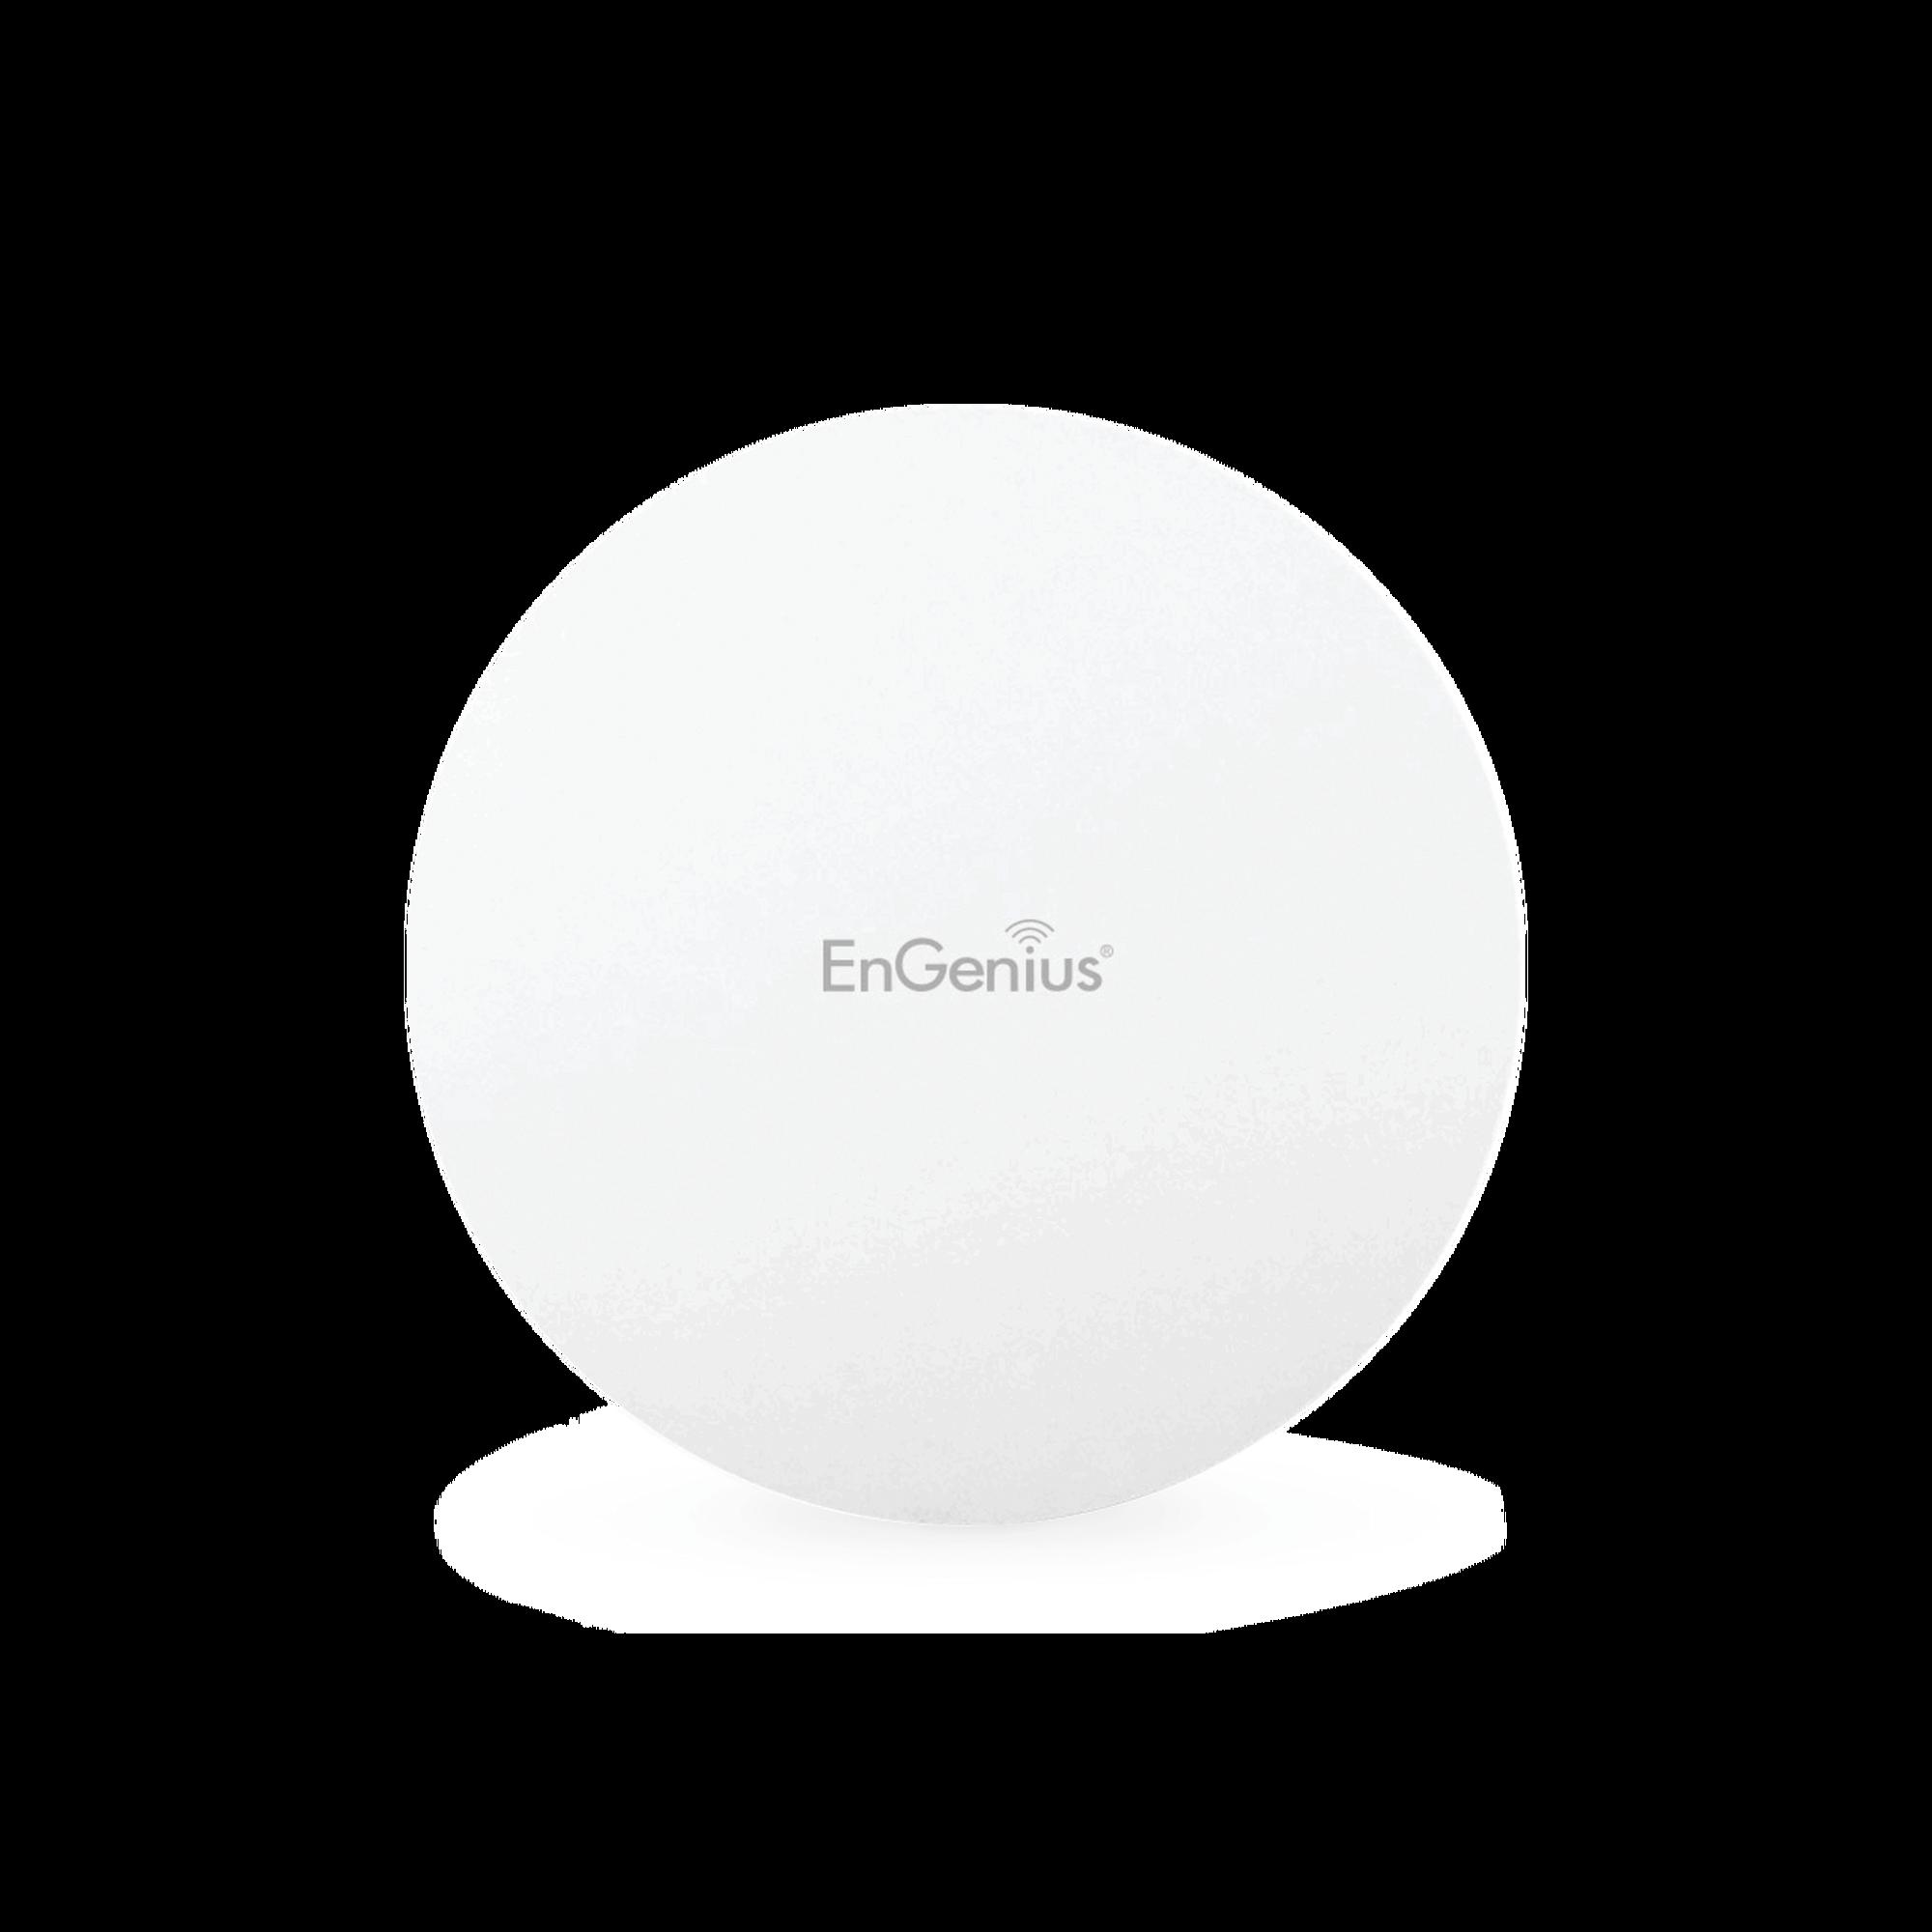 Punto de Acceso ac para Interior con Modo Mesh y Repetidor WiFi, MU-MIMO 2x2, Hasta 1267 Mbps, 250+ Usuarios Simultáneos, Doble Banda en 2.4 y 5 GHz